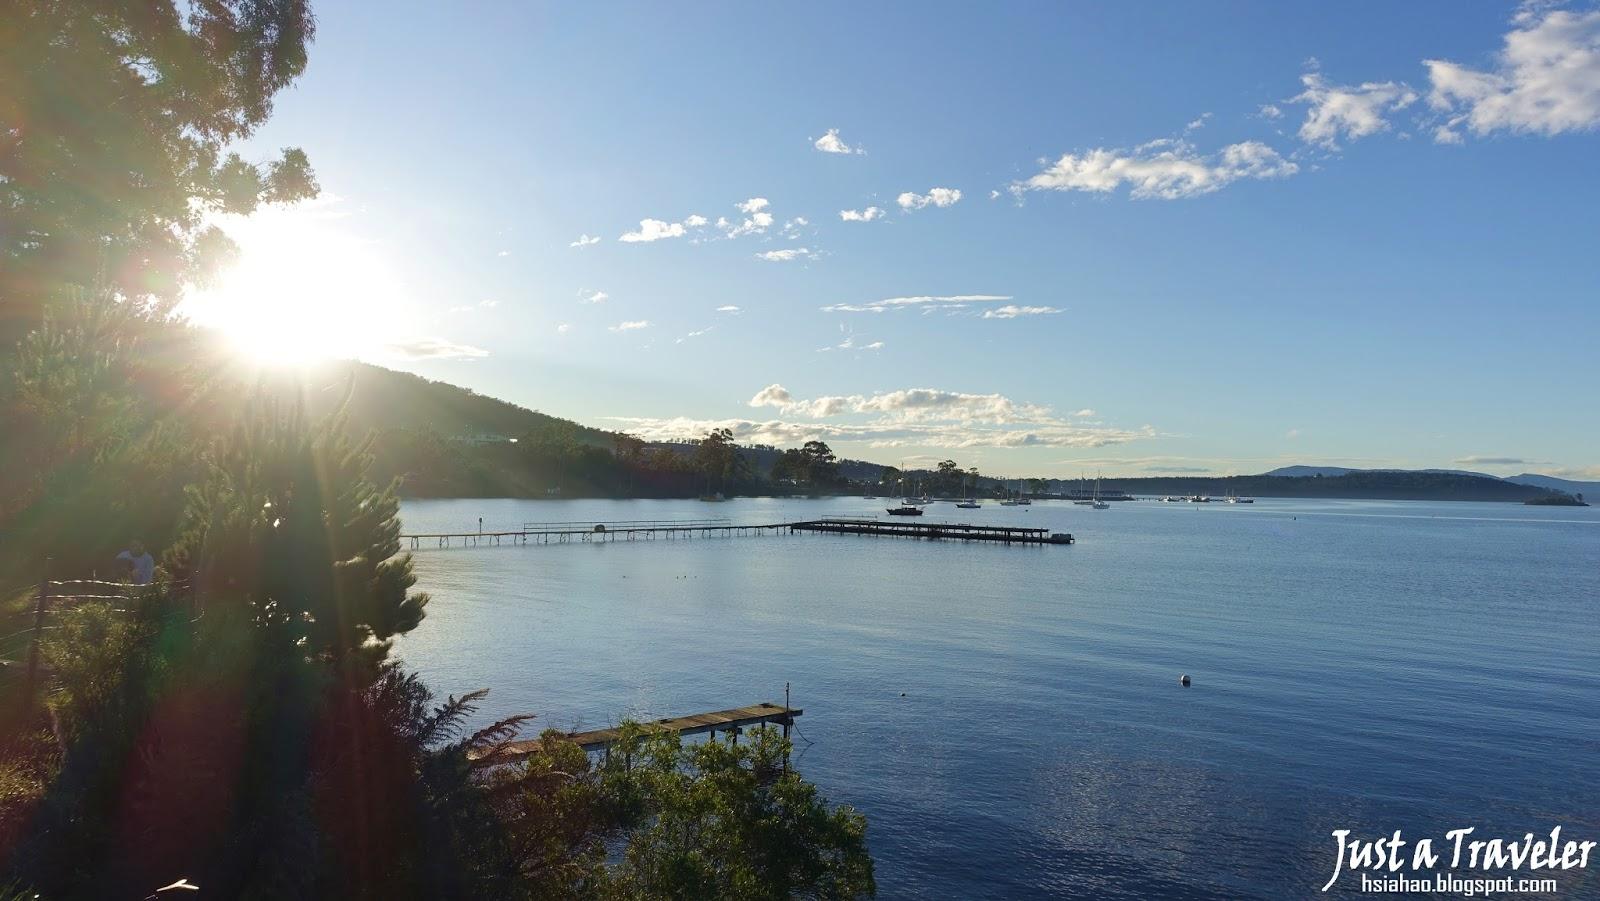 塔斯馬尼亞-南部-景點-推薦-湖泊-Lake-旅遊-自由行-澳洲-Tasmania-Tourist-Attraction-Travel-Australia